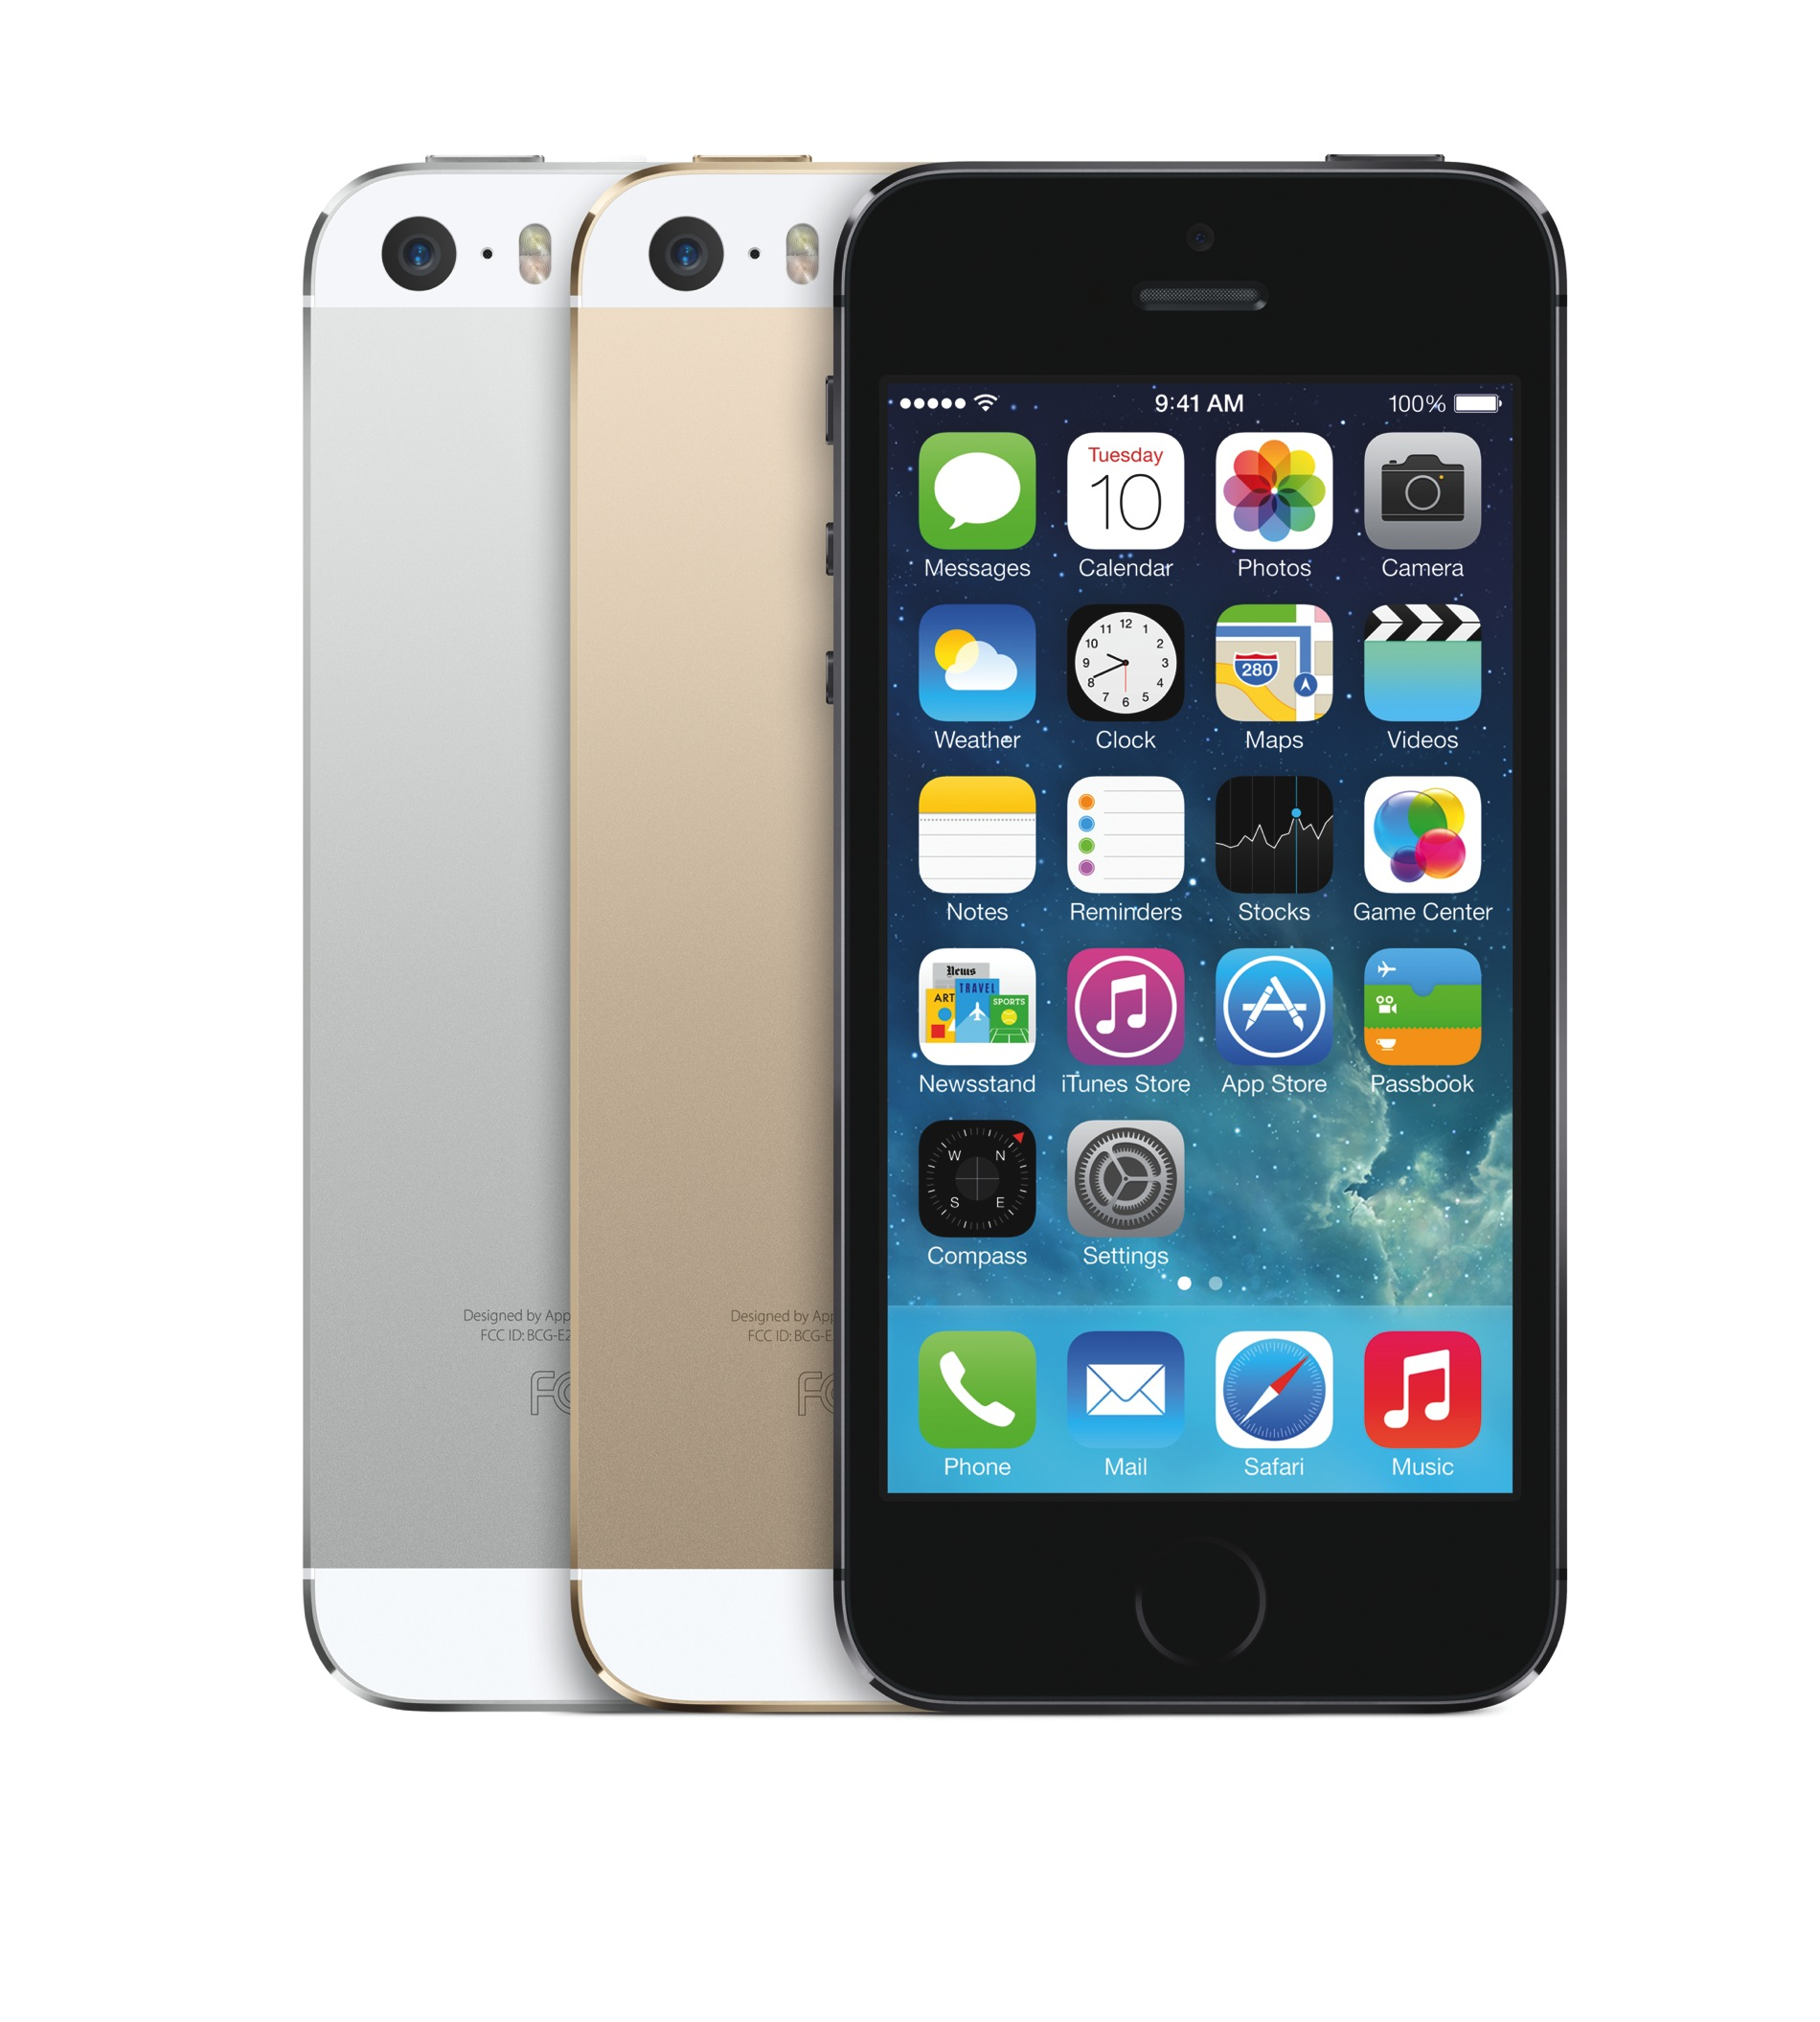 Die Farben des iPhone 5S - Grau, Gold, Schwarz - Hack4Life